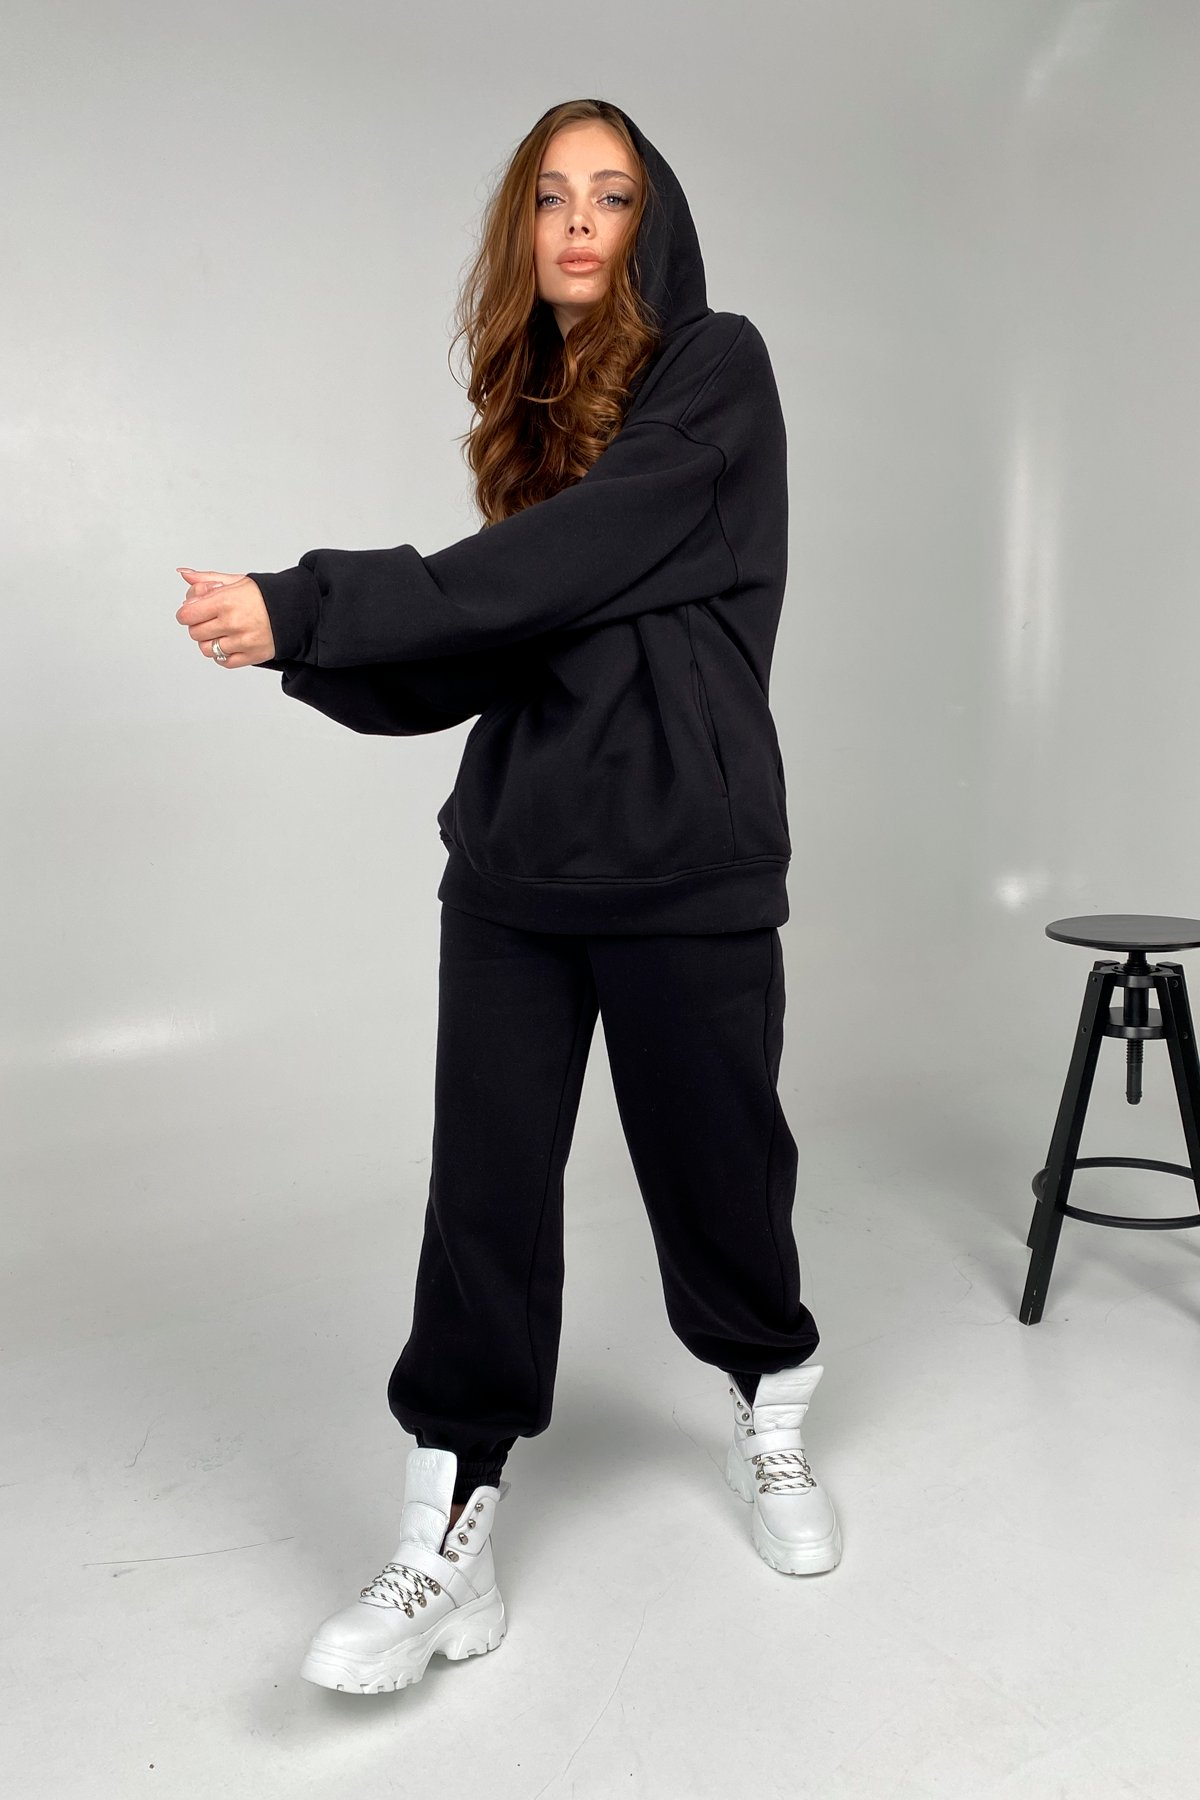 Марион костюм в  стиле Oversize  3х нитка 9651 АРТ. 45953 Цвет: Черный - фото 5, интернет магазин tm-modus.ru